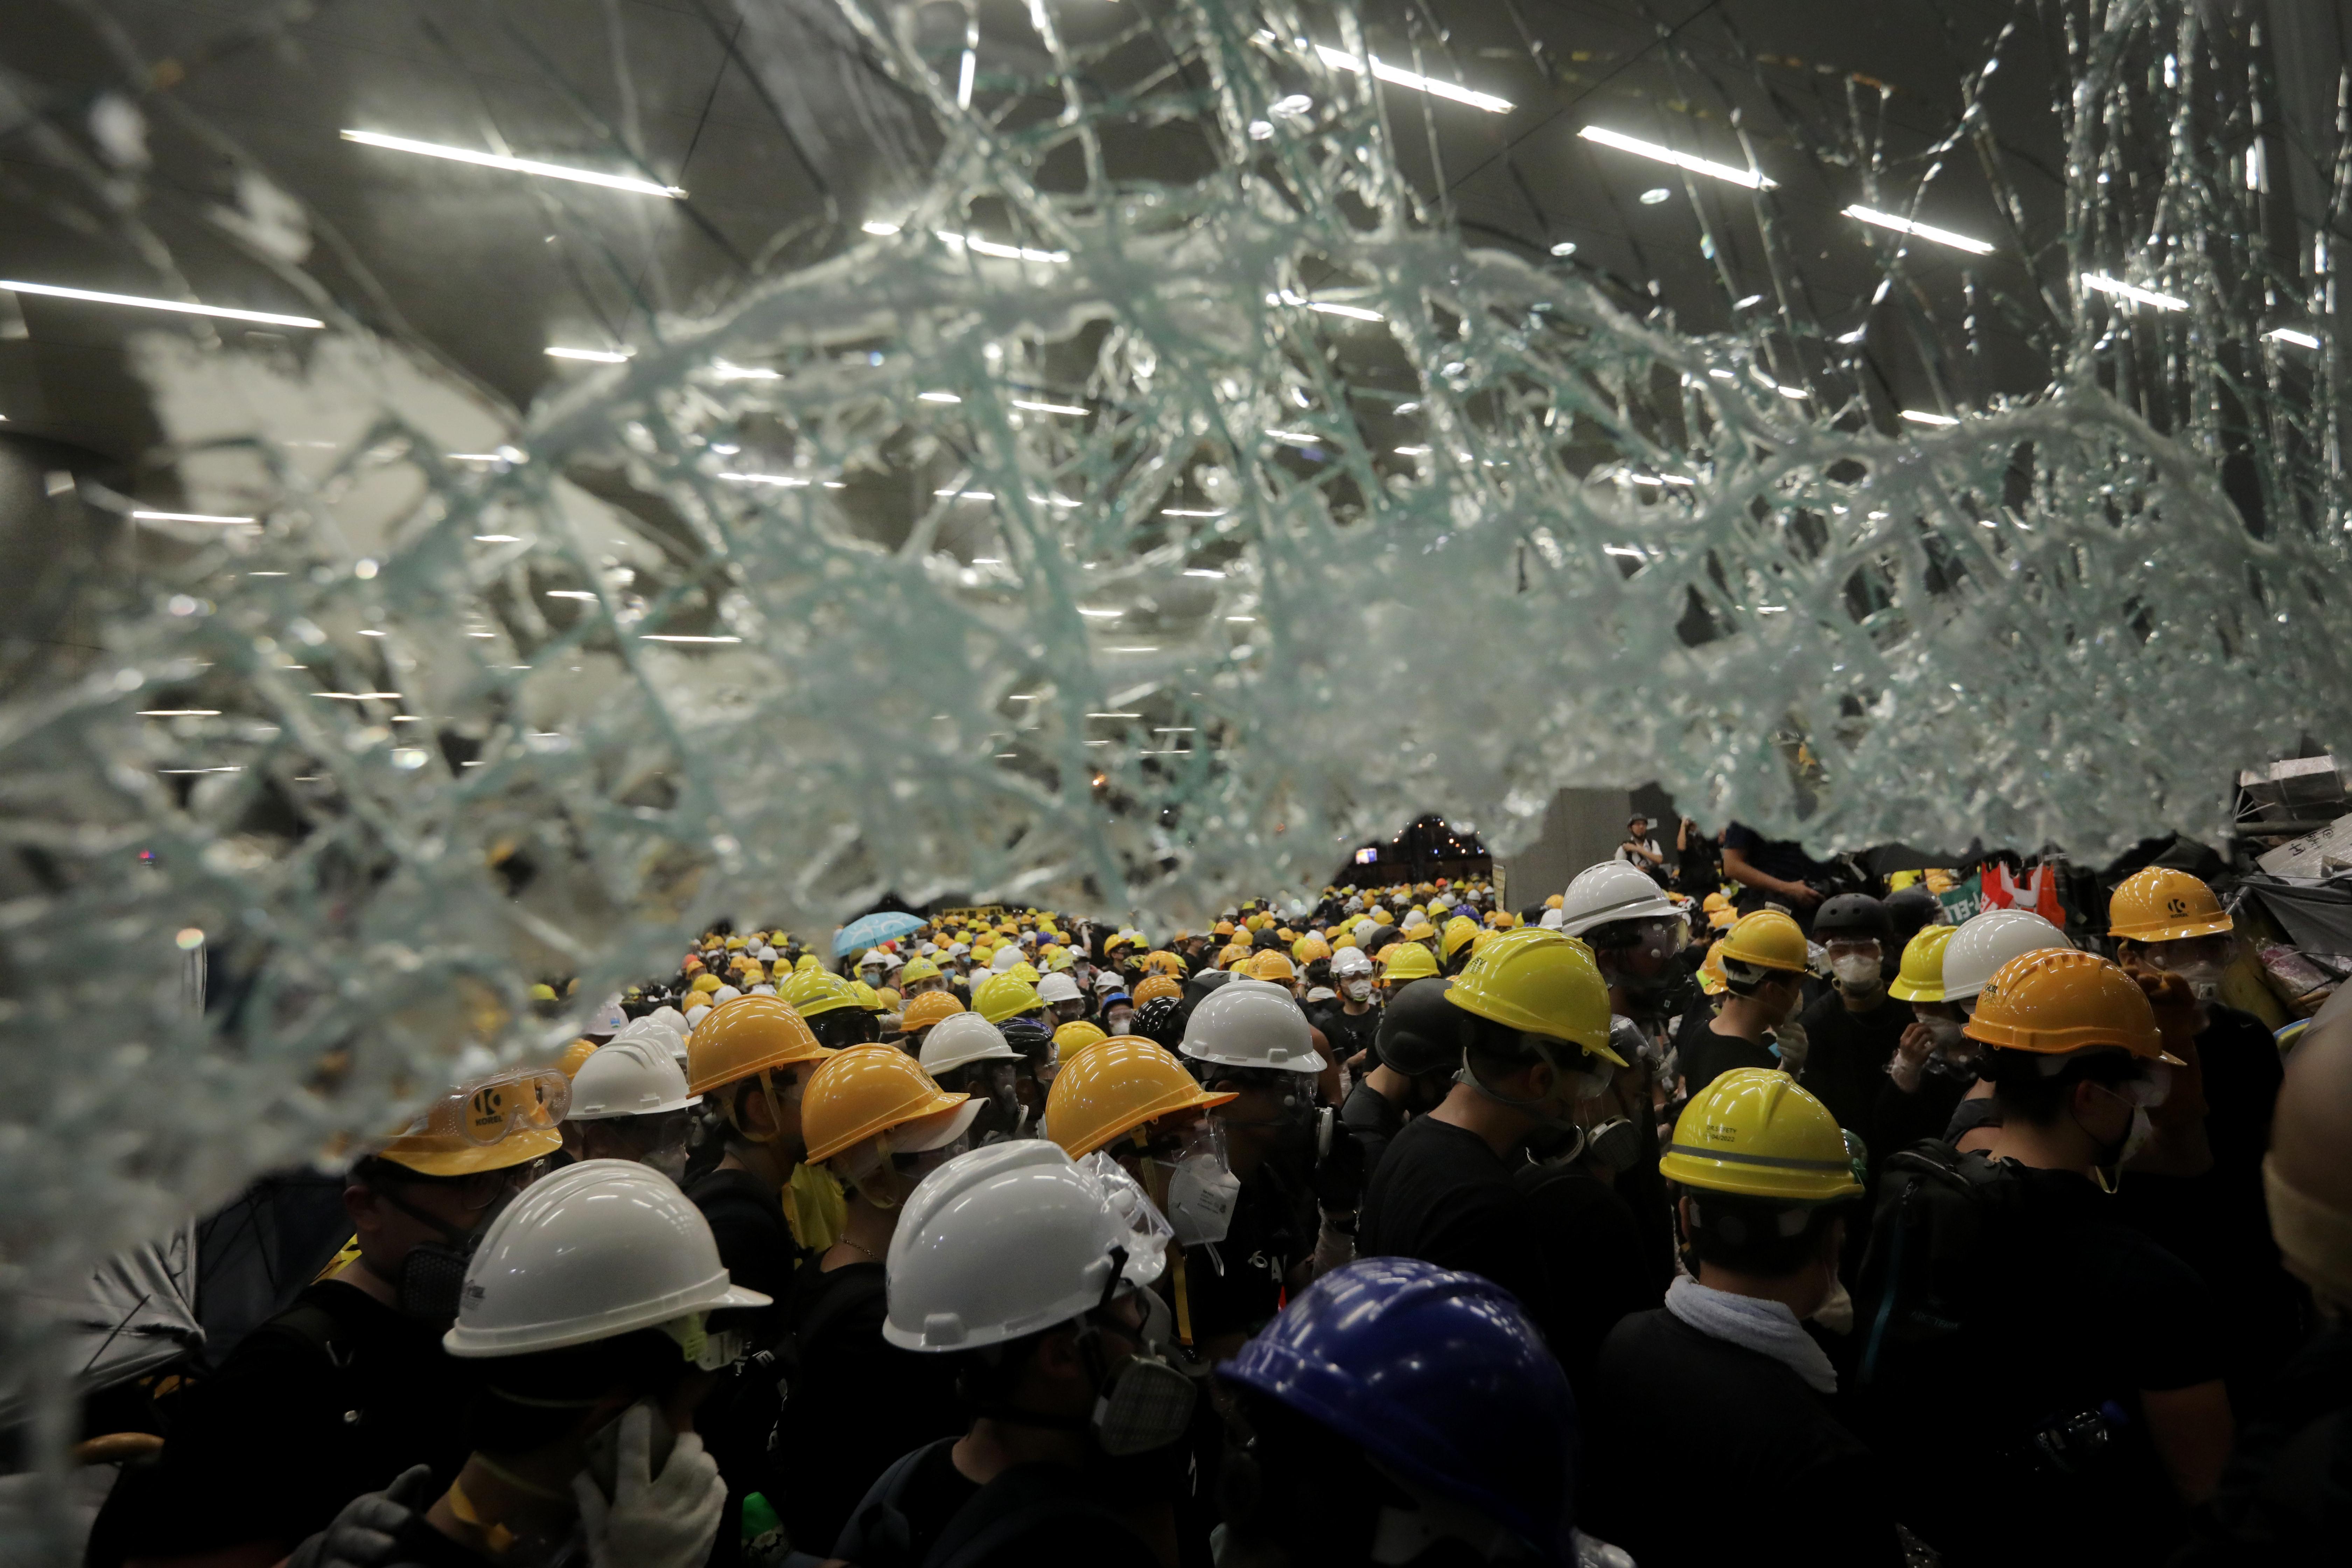 Halottnak nyilvánította a kiadatási törvényt Hongkong vezetője